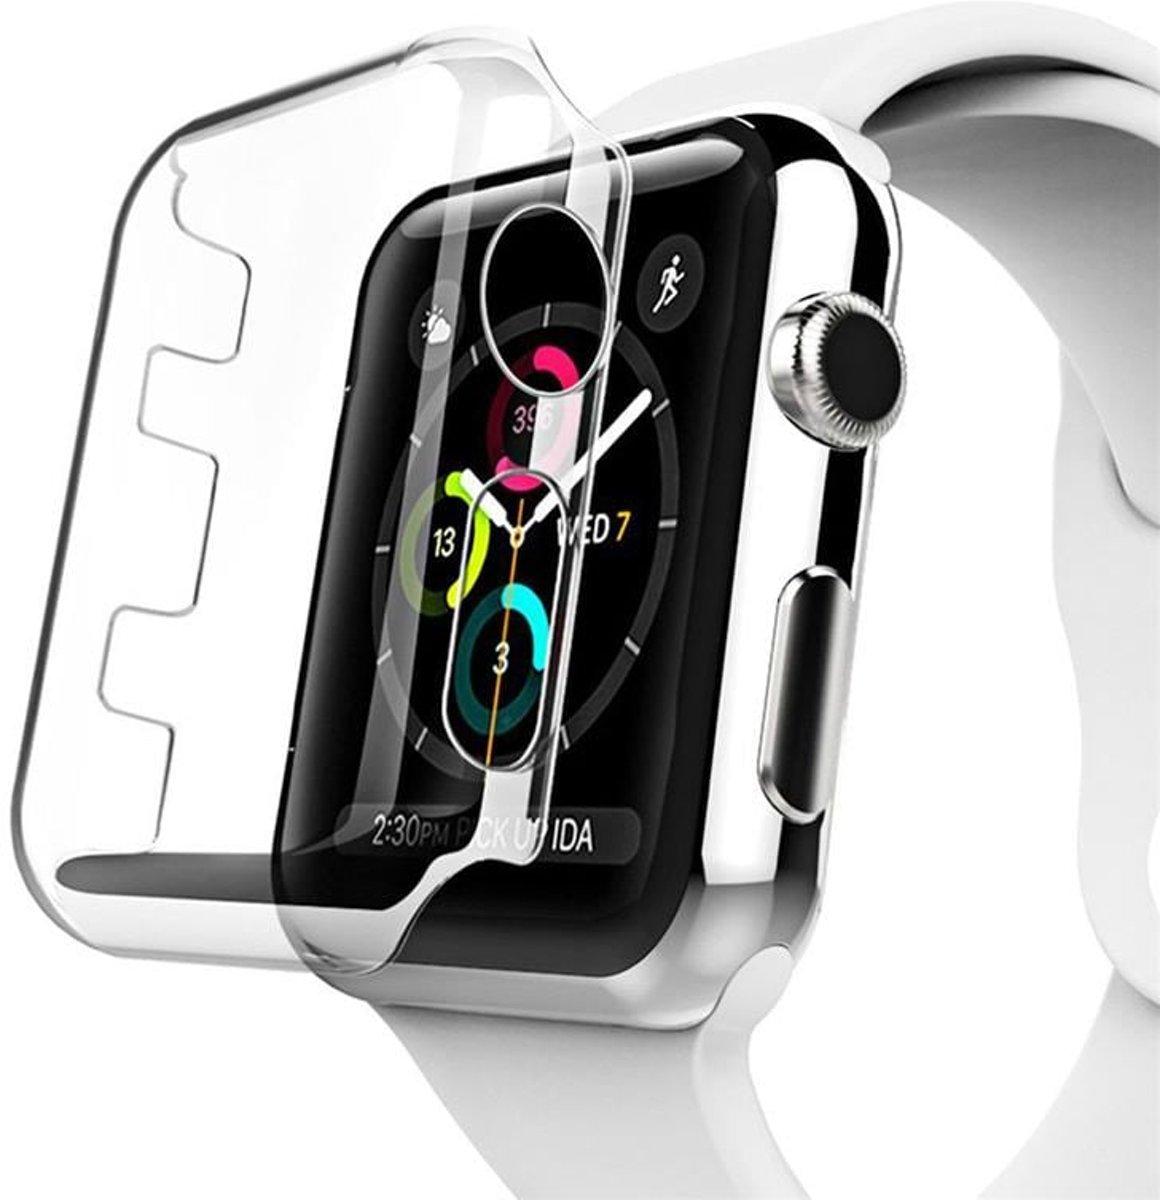 38mm Case Cover Screen Protector Transparent 4H Protected Knocks Watch Cases voor Apple watch voor iwatch 1 | Watchbands-shop.nl kopen